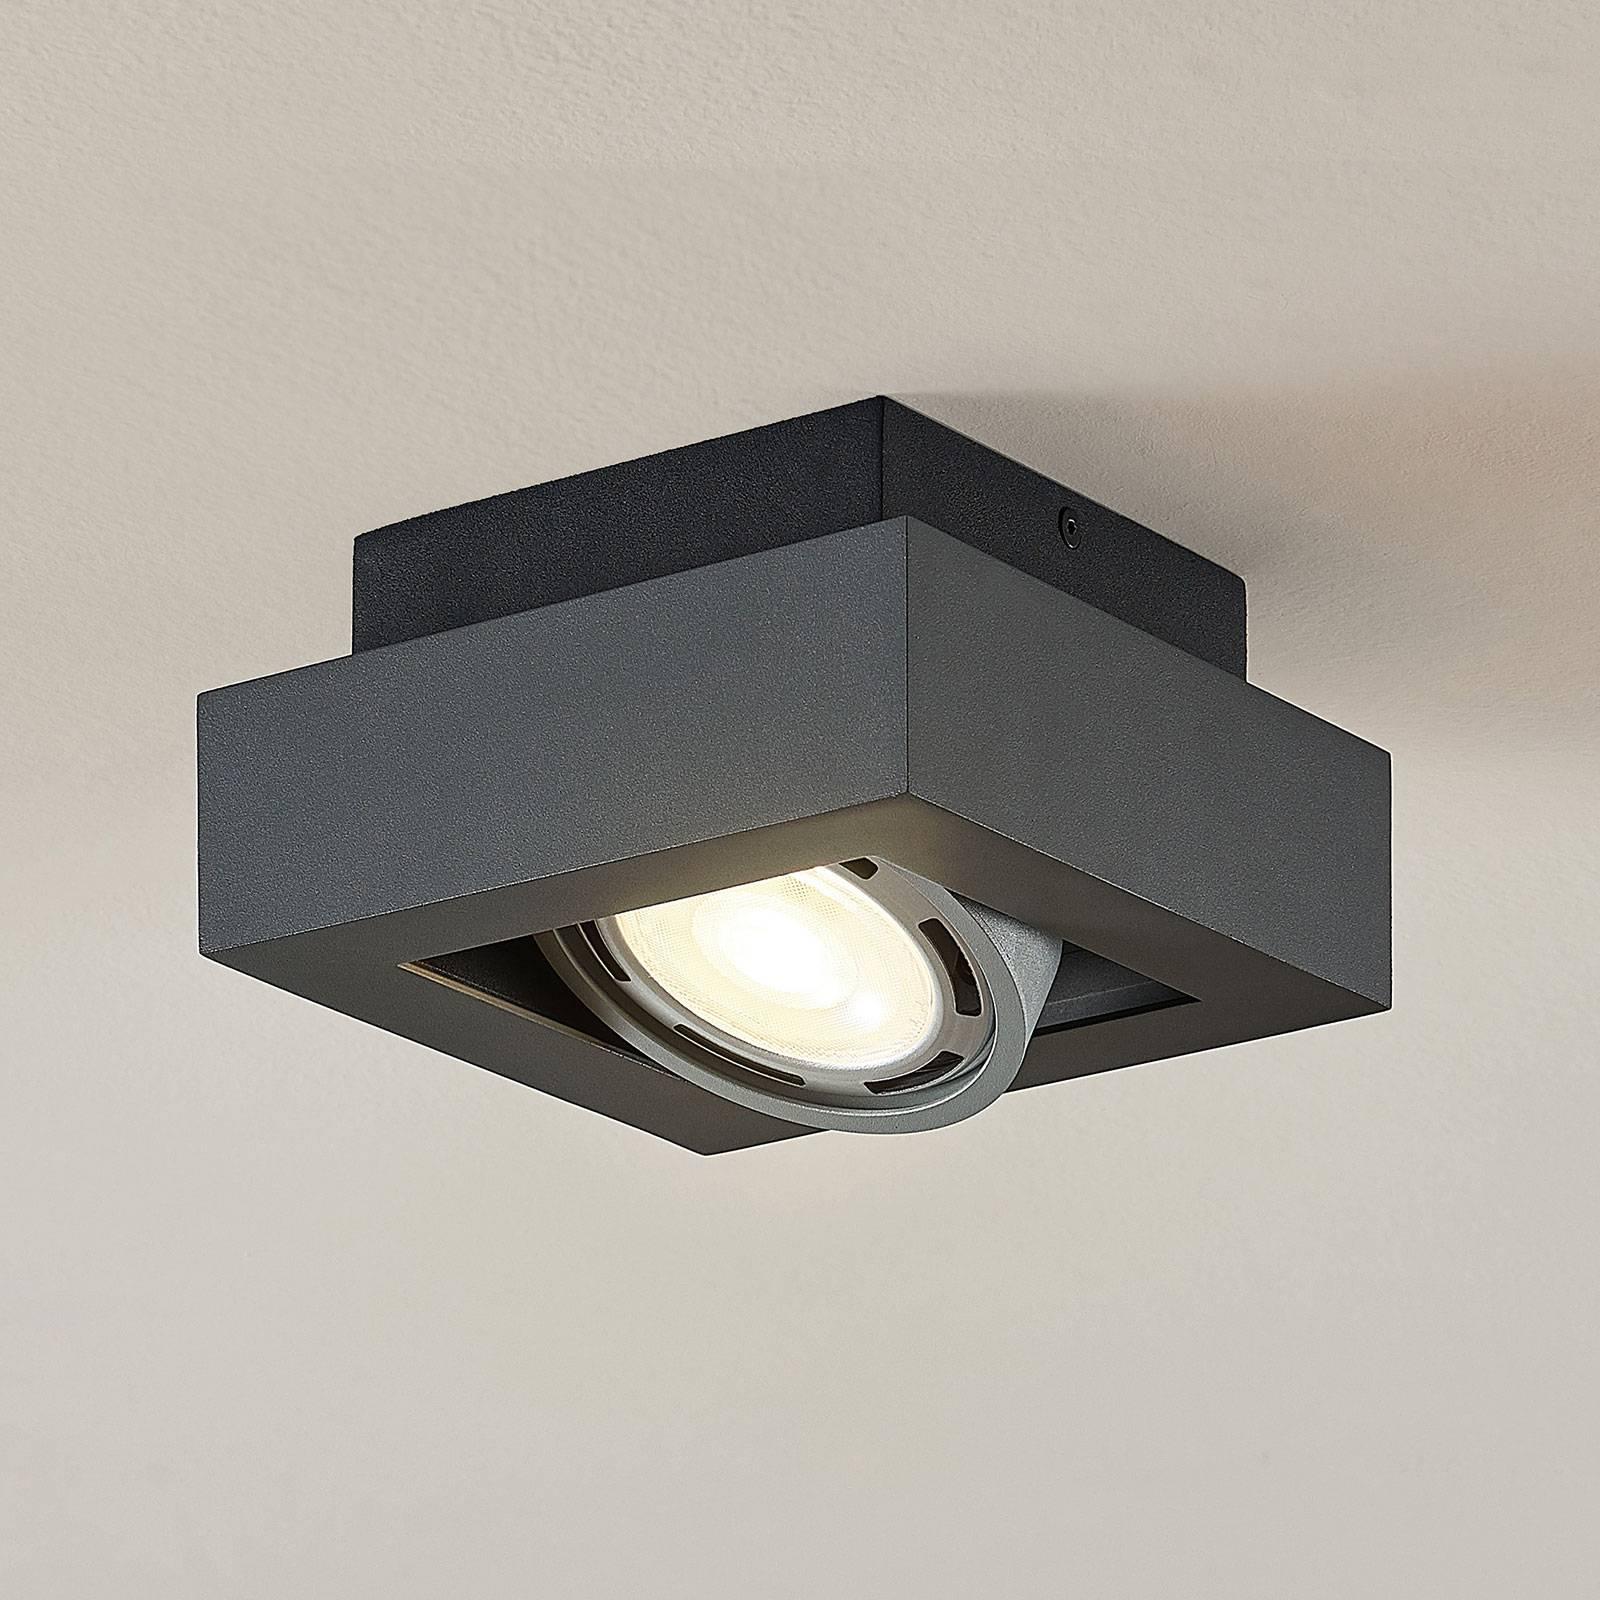 LED-kattospotti Ronka, GU10, 1-lampp., t.harmaa